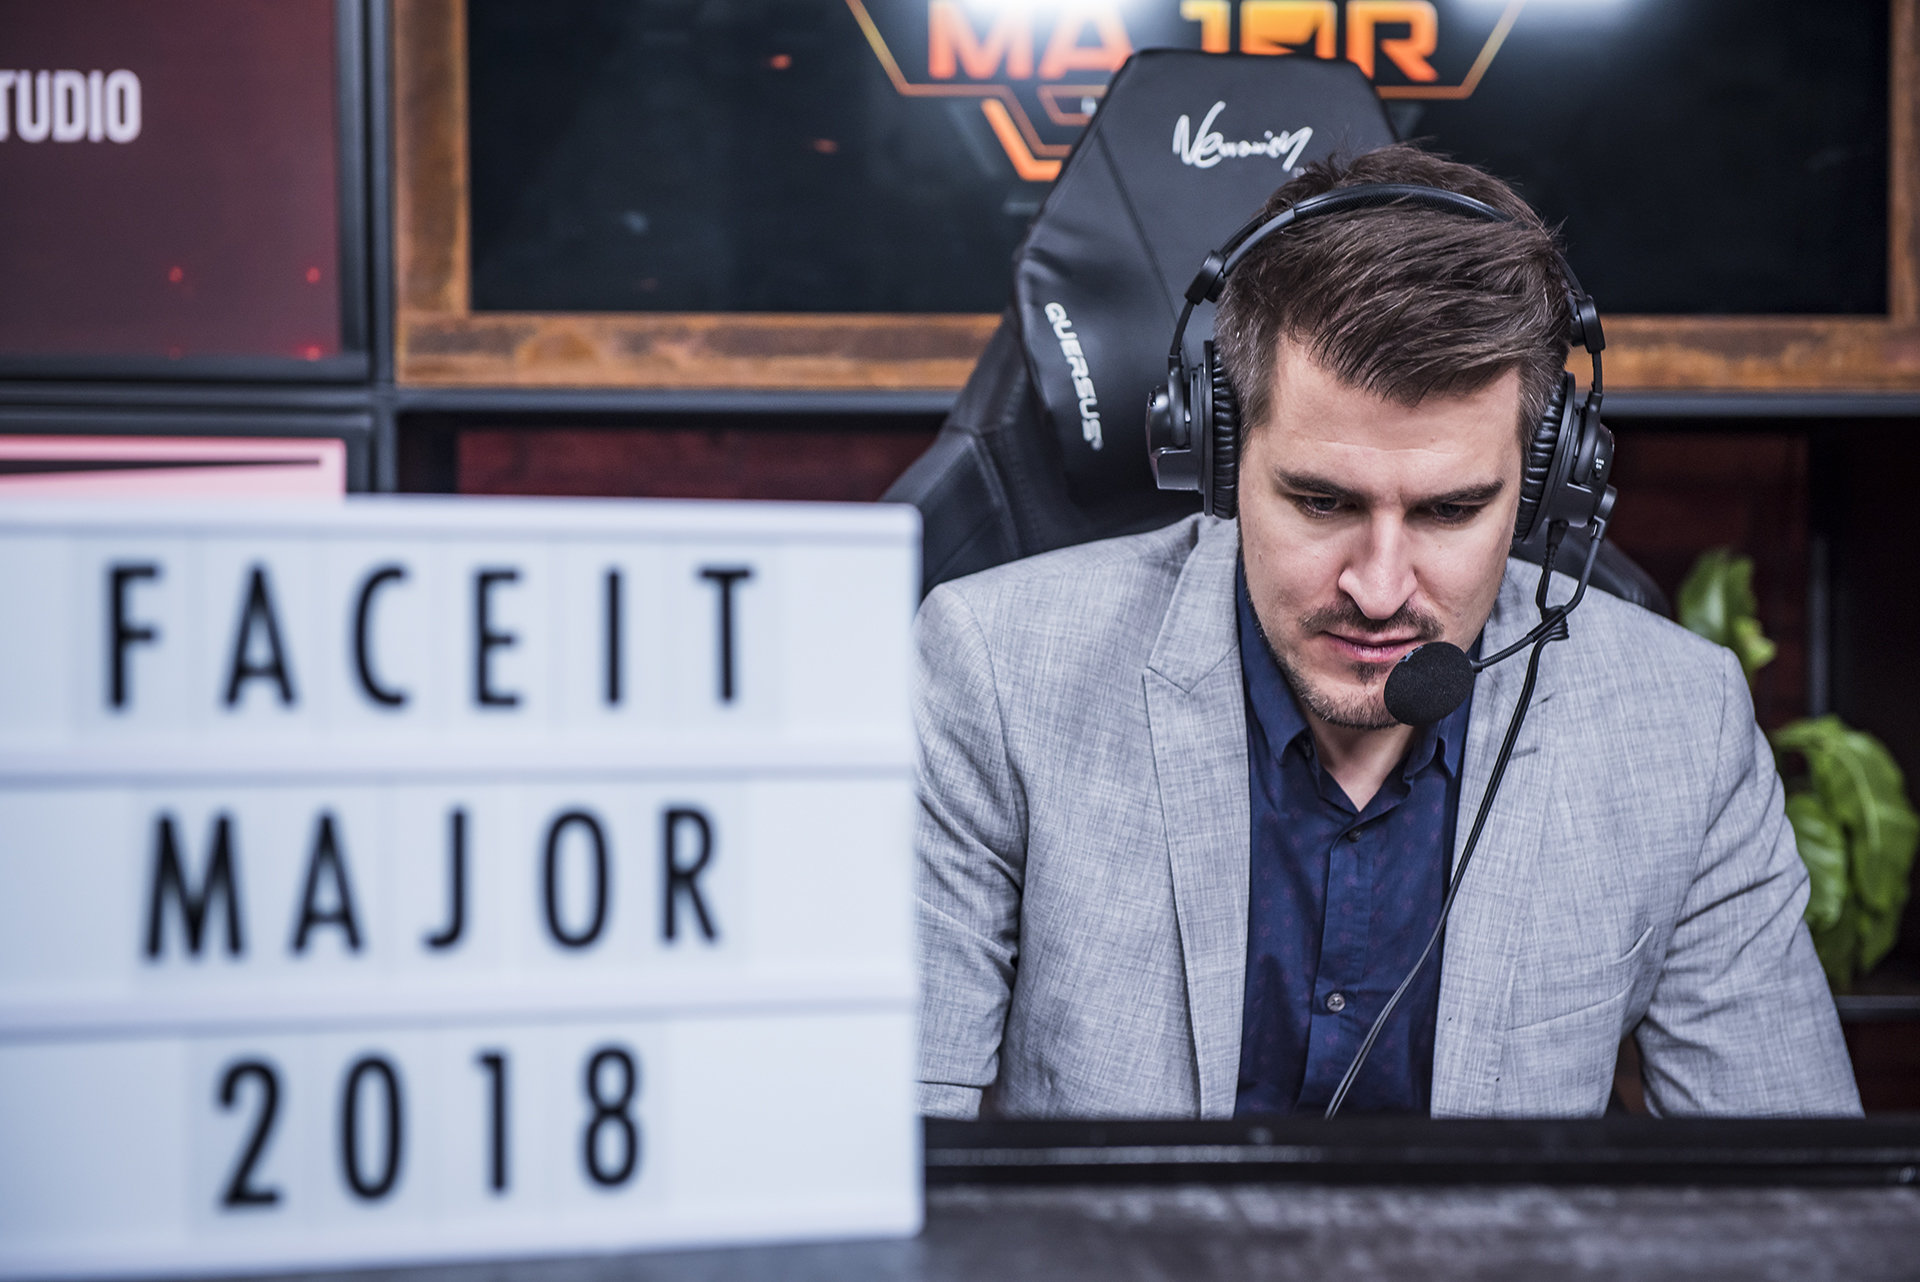 Decydujący etap FACEIT Major: London 2018 - rusza Faza Nowych Czempionów!